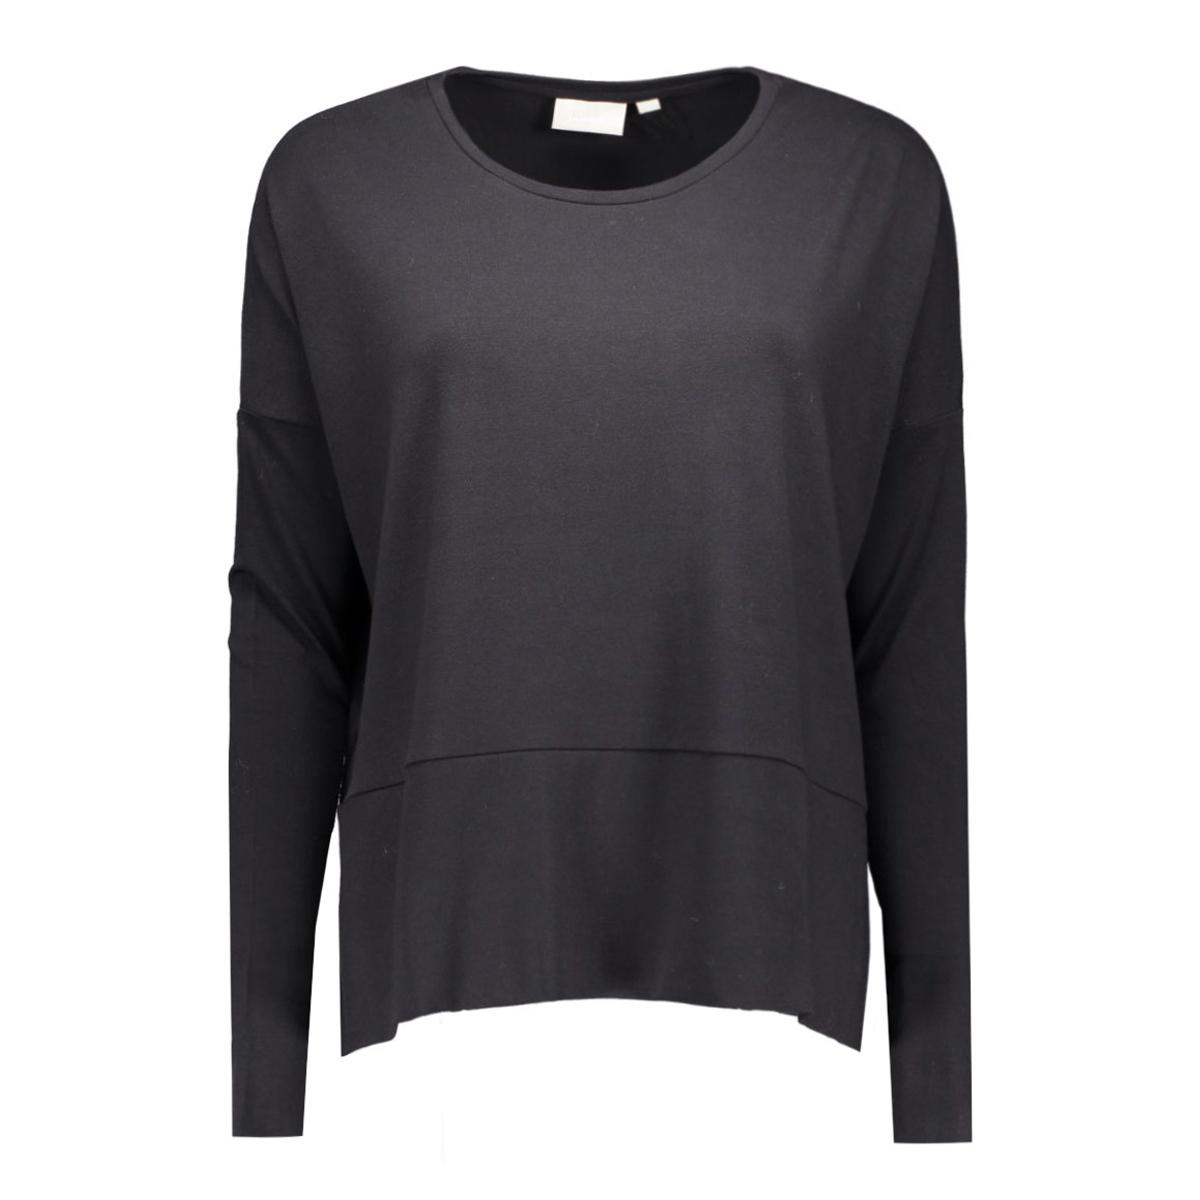 tika tshirt kntg 30101101 inwear t-shirt 10050 black